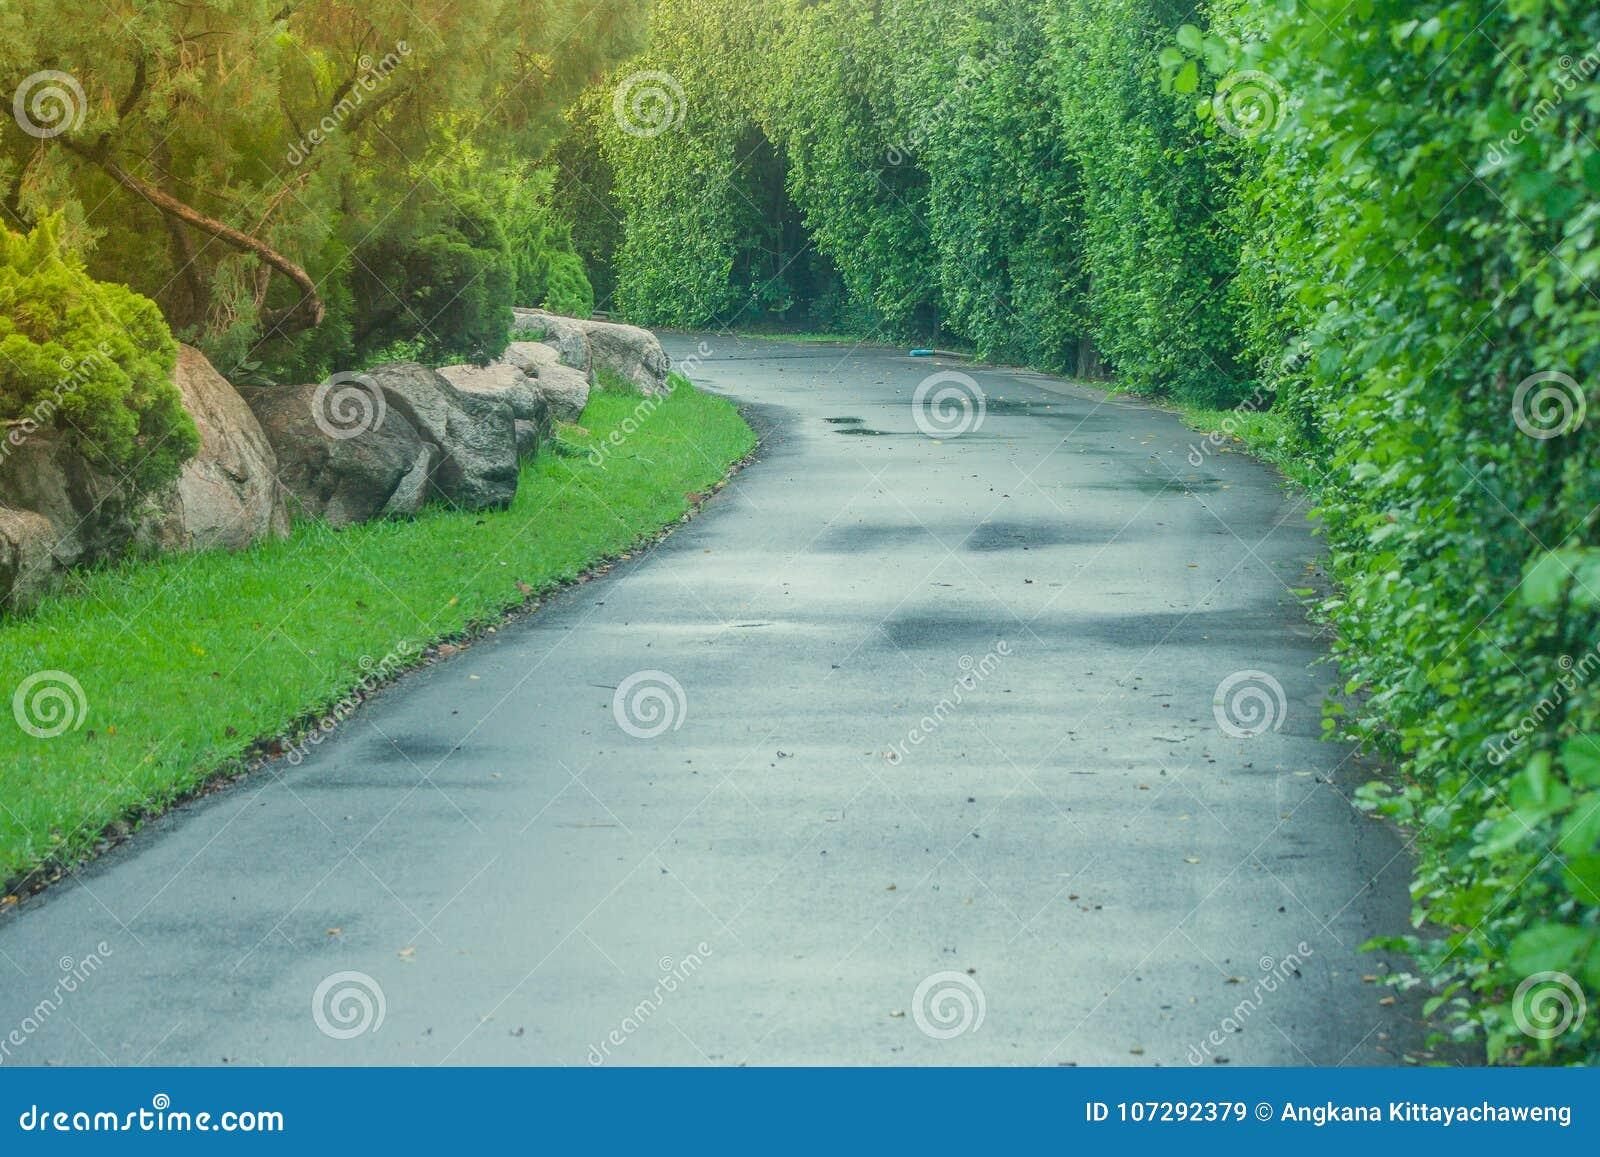 Bahn der schönen Ansicht oder Park des Gehwegs öffentlich umgeben mit grünem natürlichem und Sonnenlichthintergrund